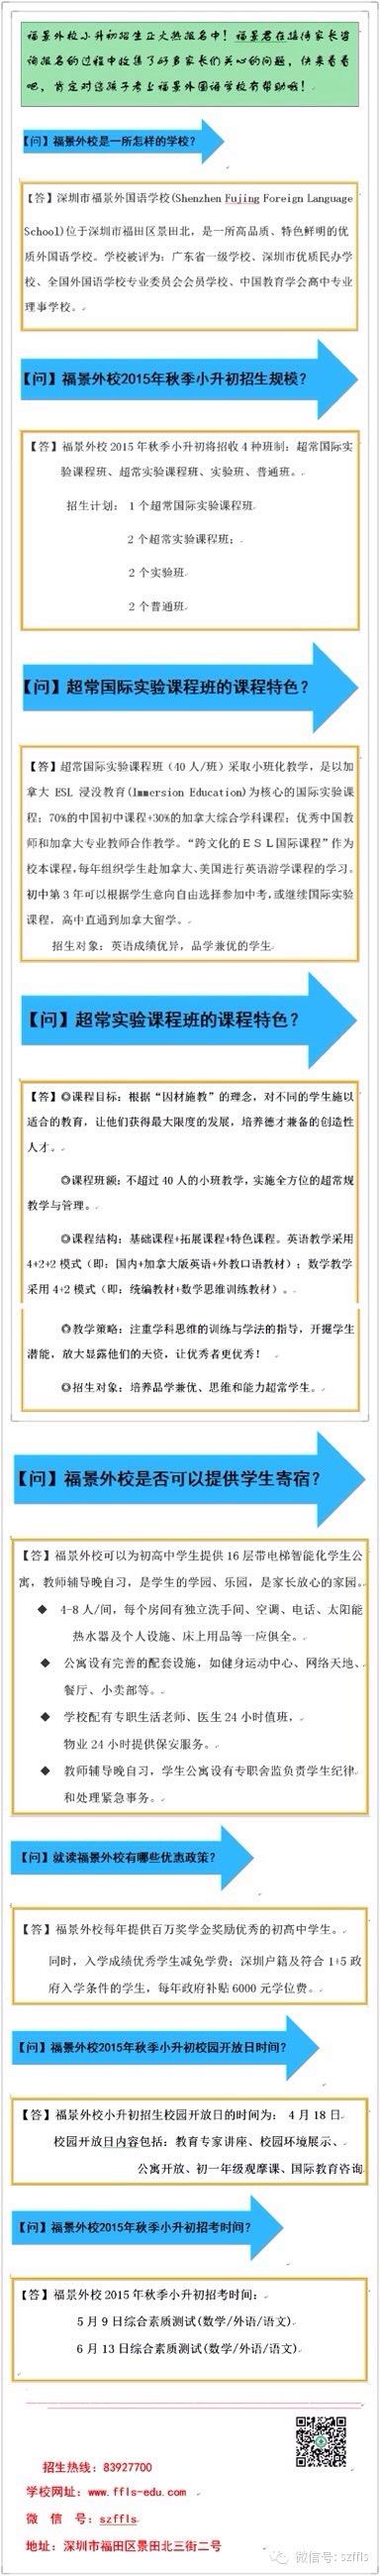 2015深圳福景外国语小升初招生问答汇总